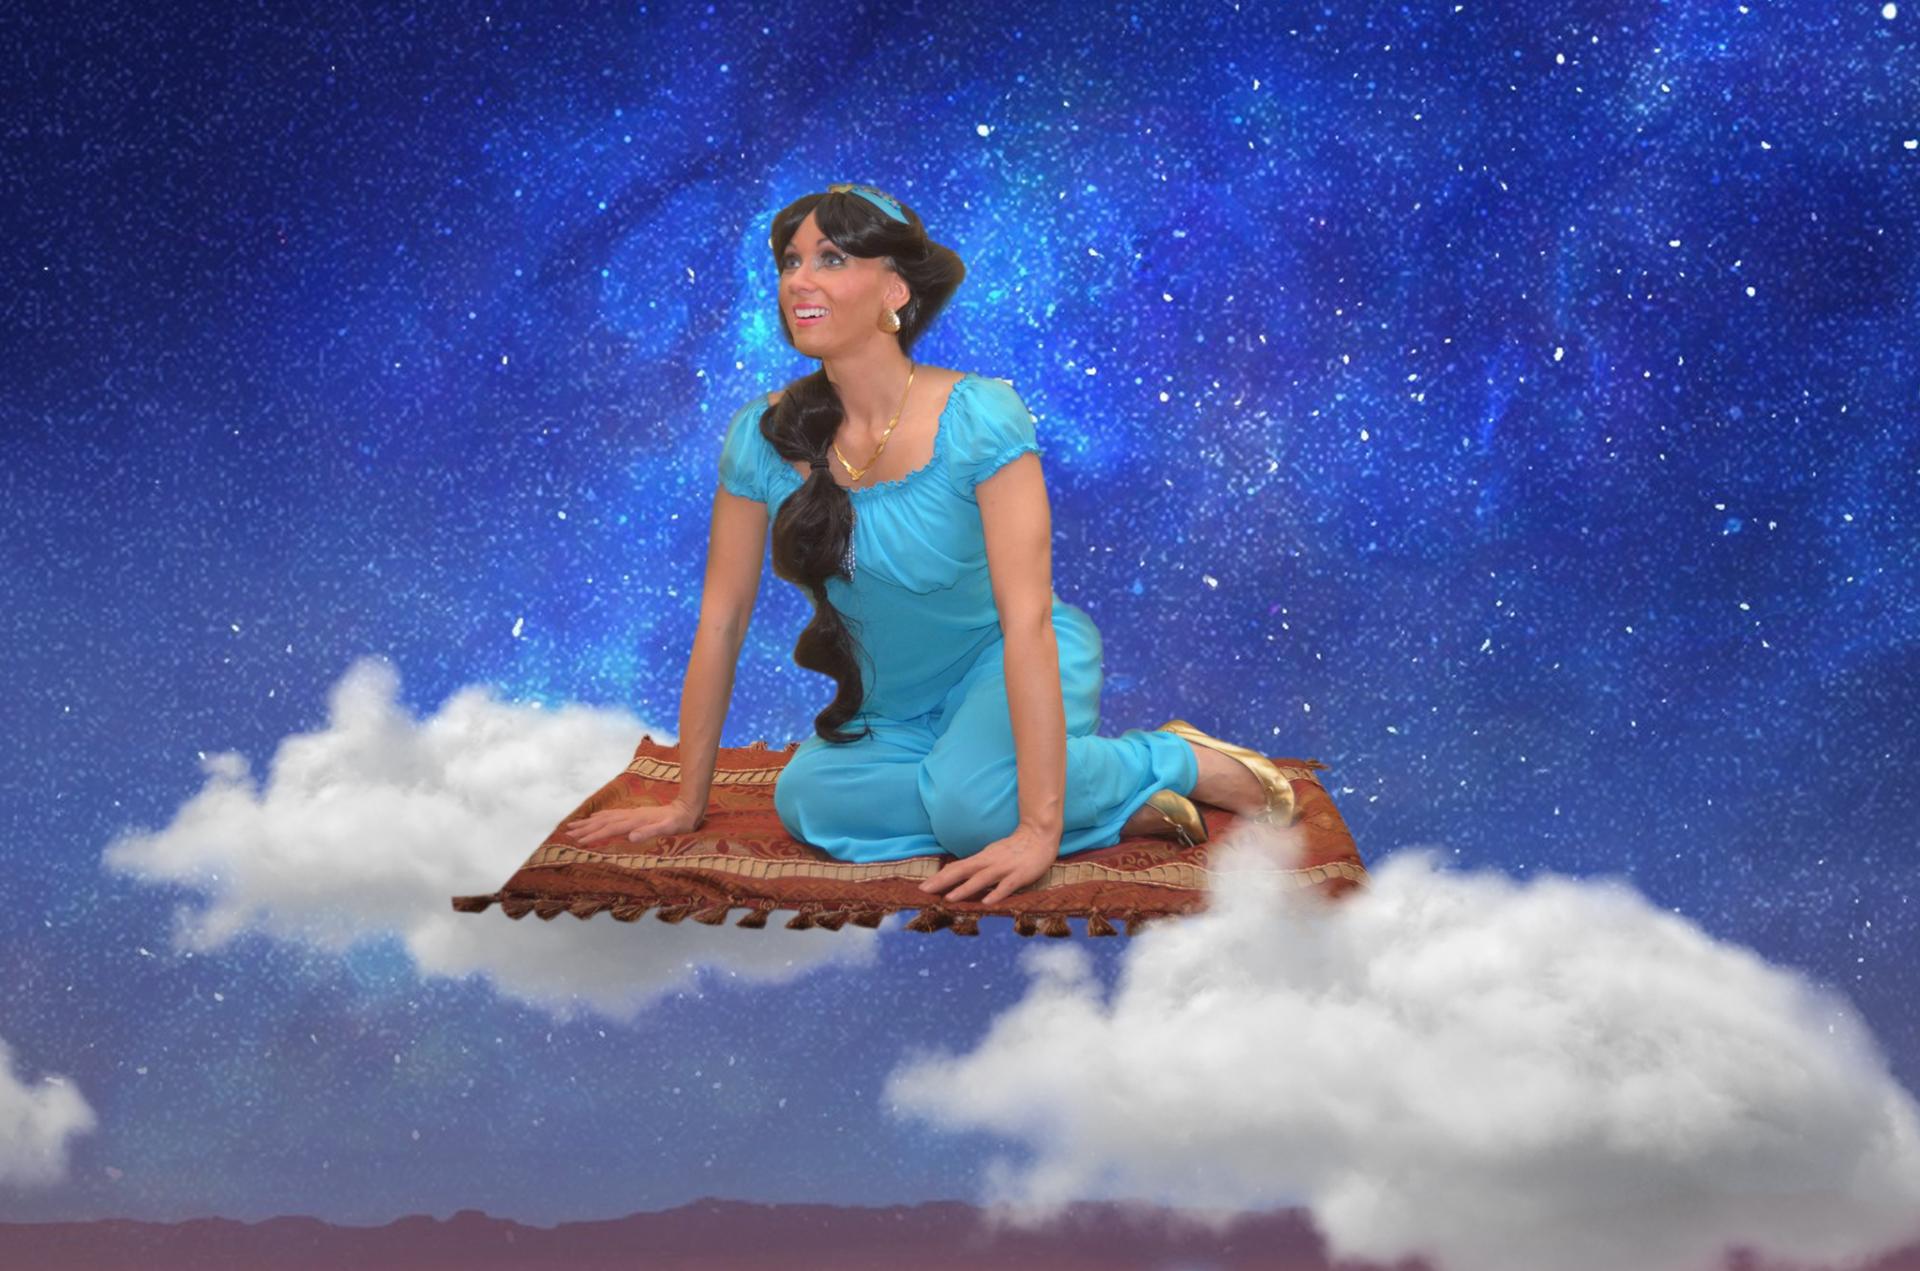 Aladdin's Princess